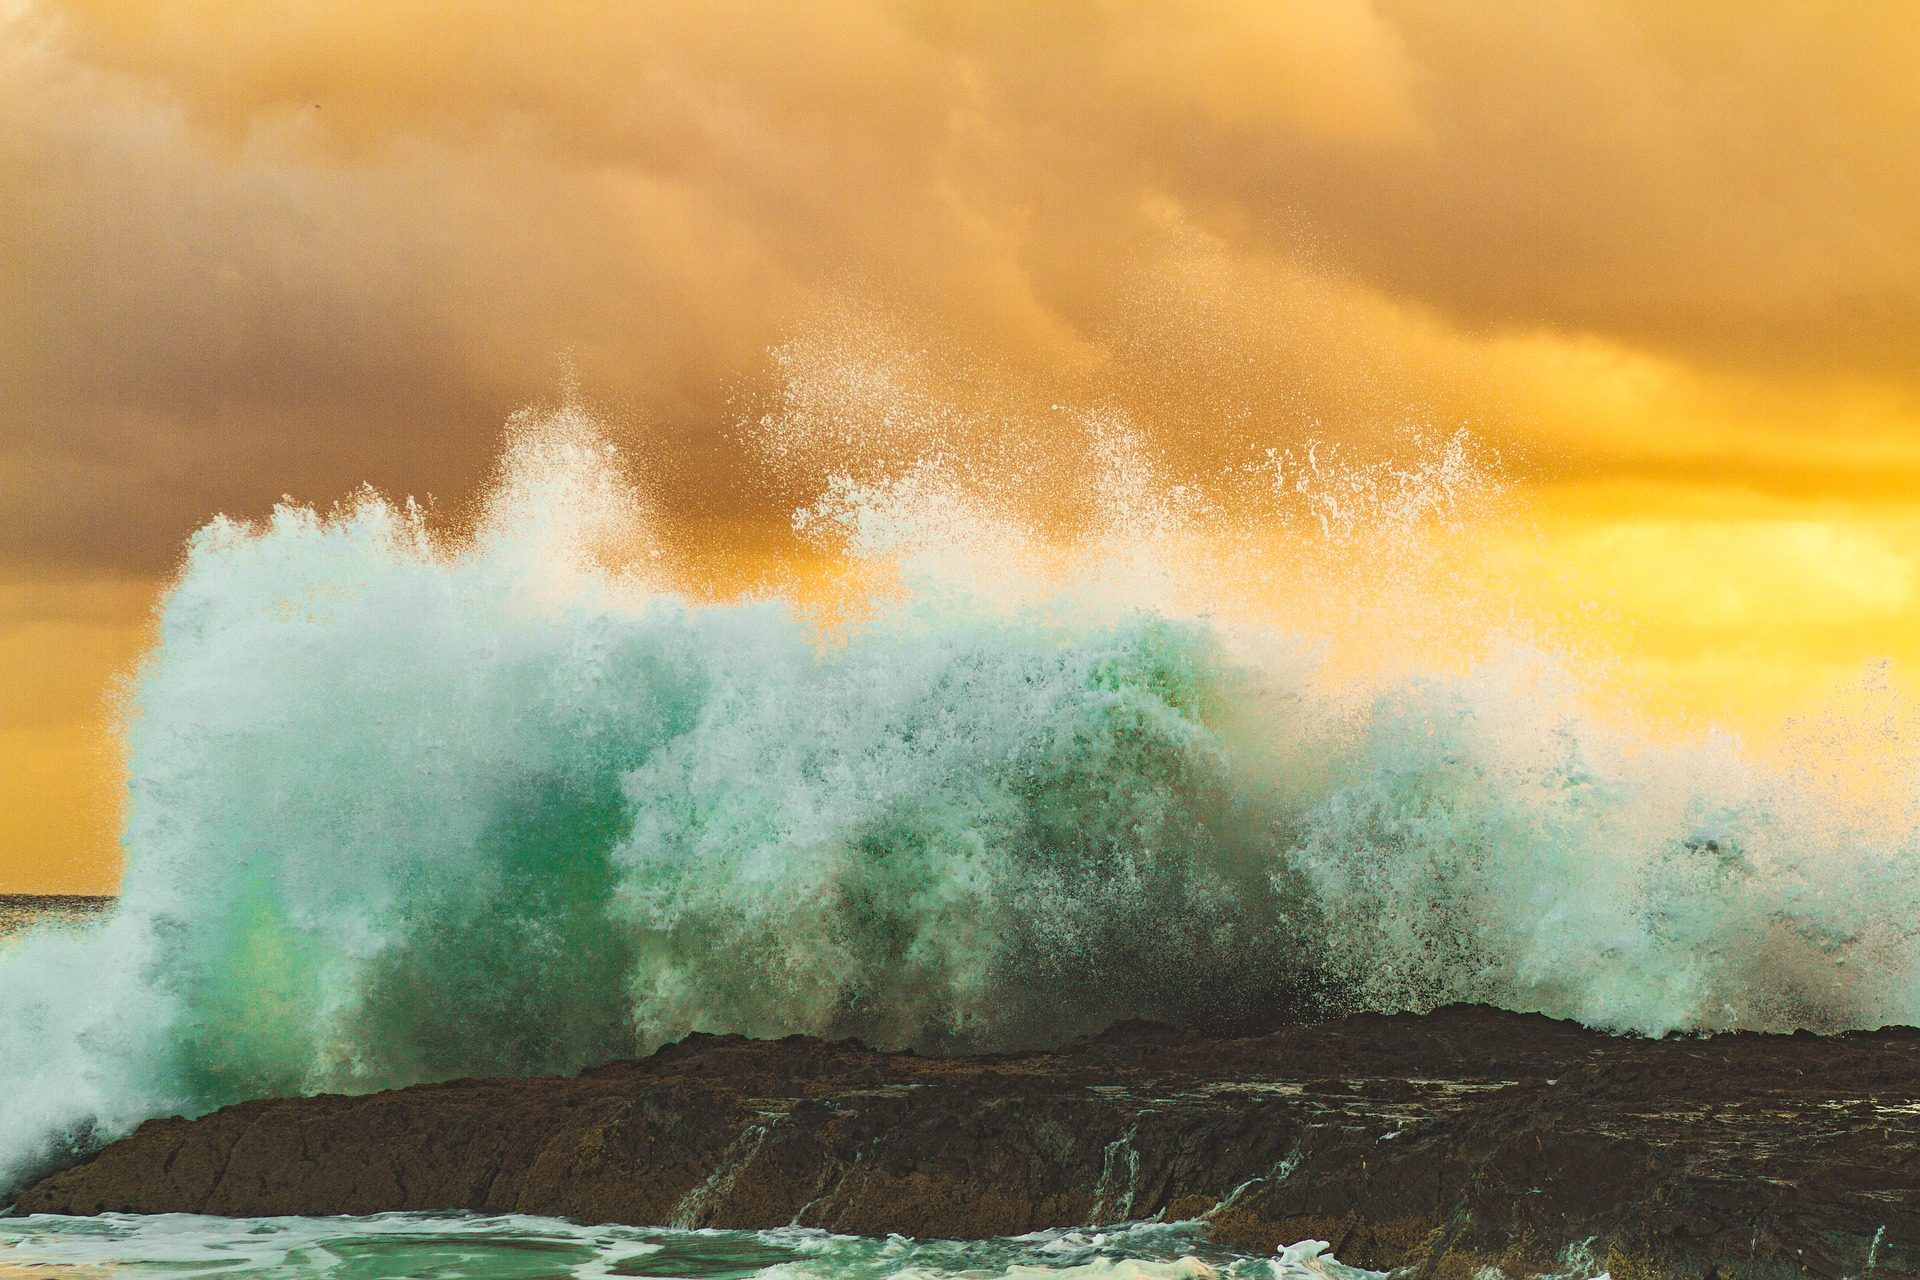 海洋, 海, 波, 力, 危险, 风险 - 高清壁纸 - 教授-falken.com